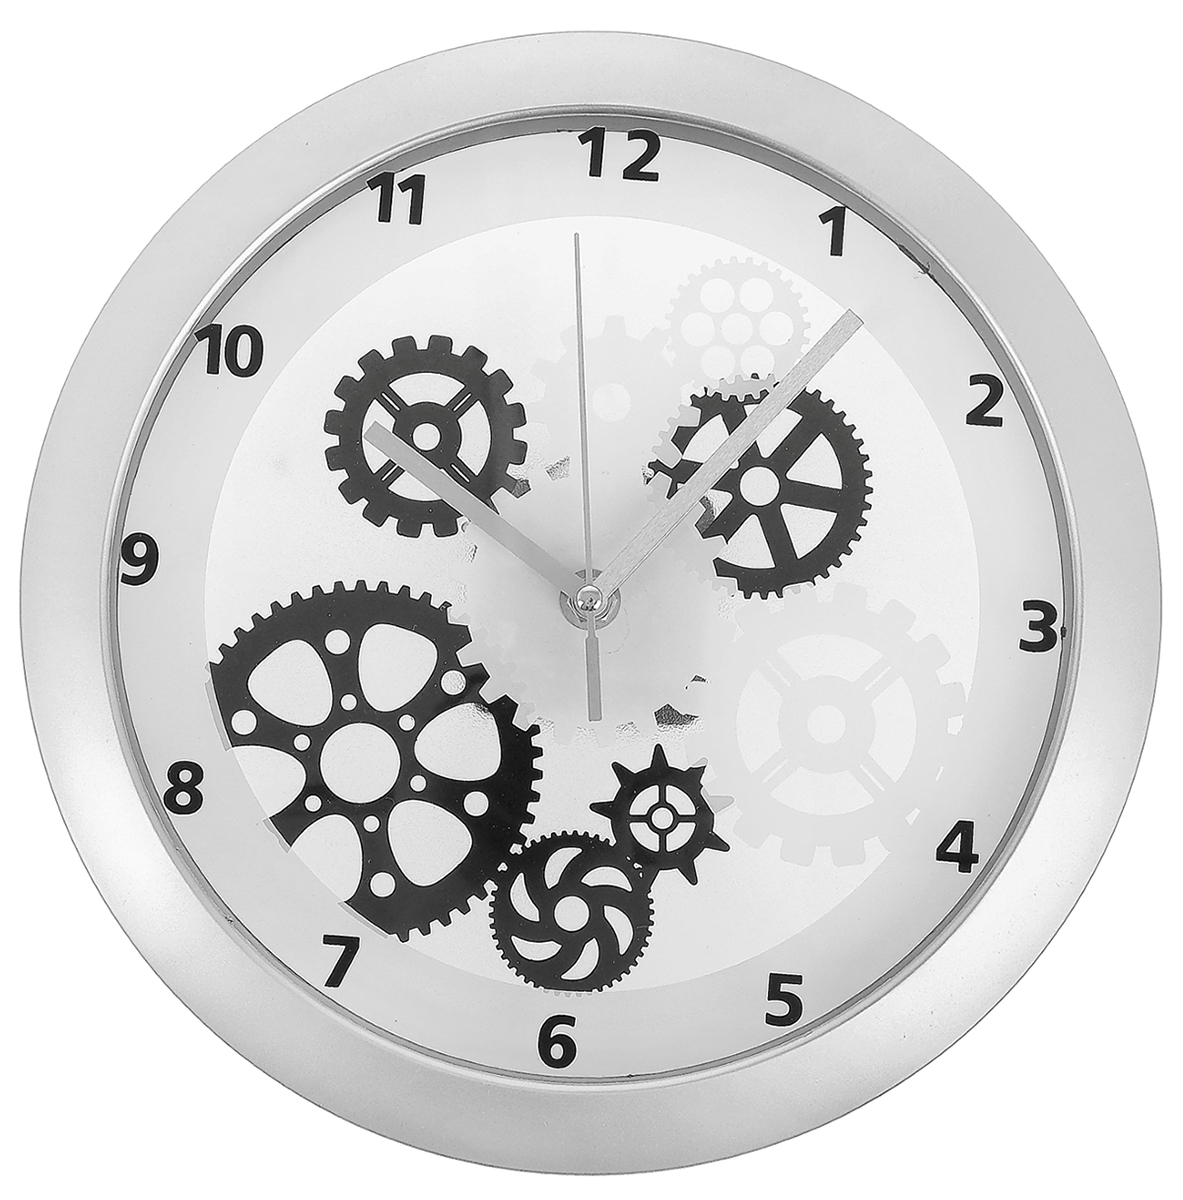 Часы настенные Шестеренки, диаметр 26 см хочу продать свою квартиру которая менее 3х лет и другую какие налоги надо заплатить